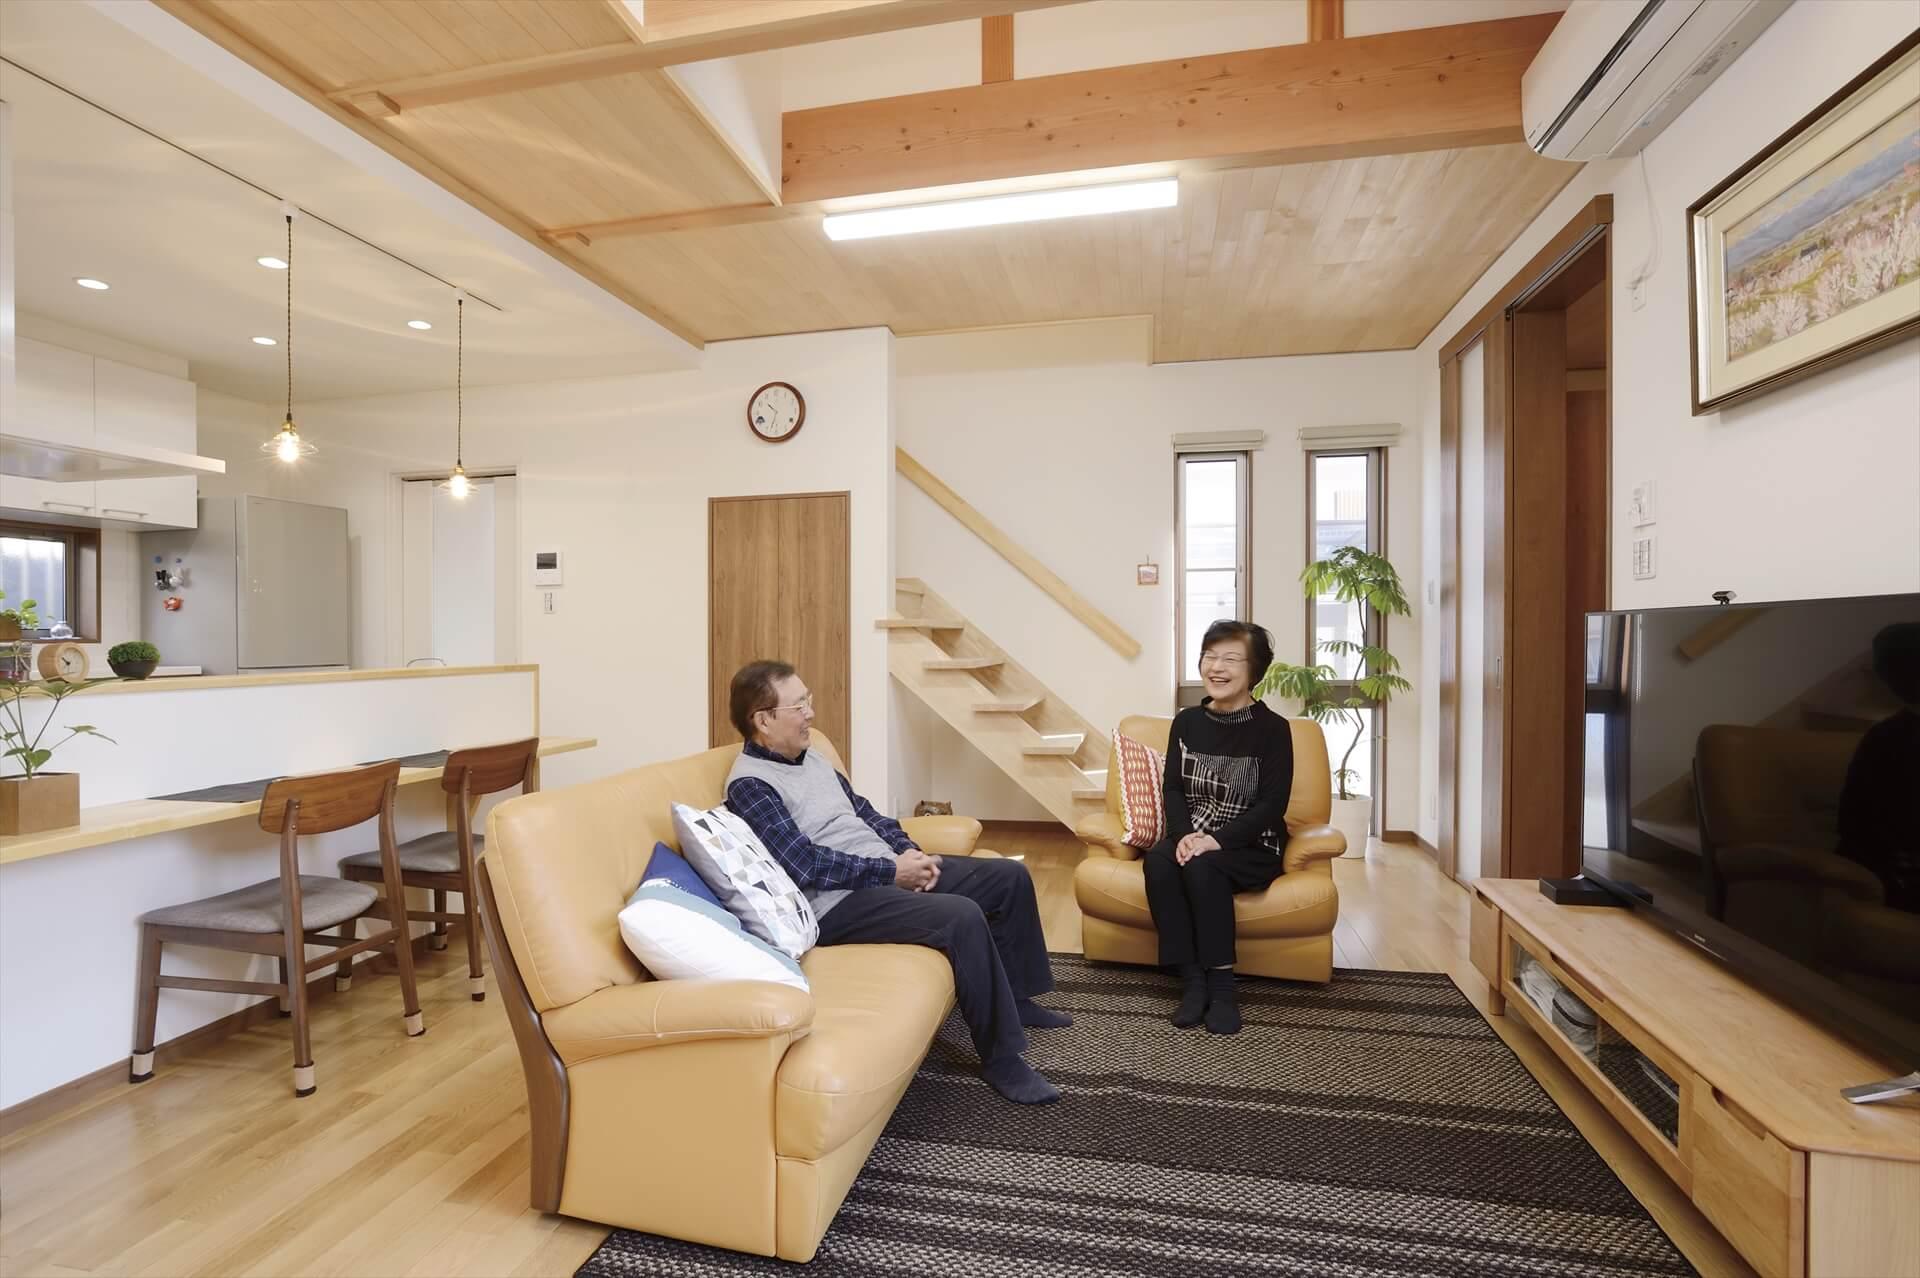 お客様の声|安水建設|愛知県安城市を中心に三河エリアの木造注文住宅・リフォーム